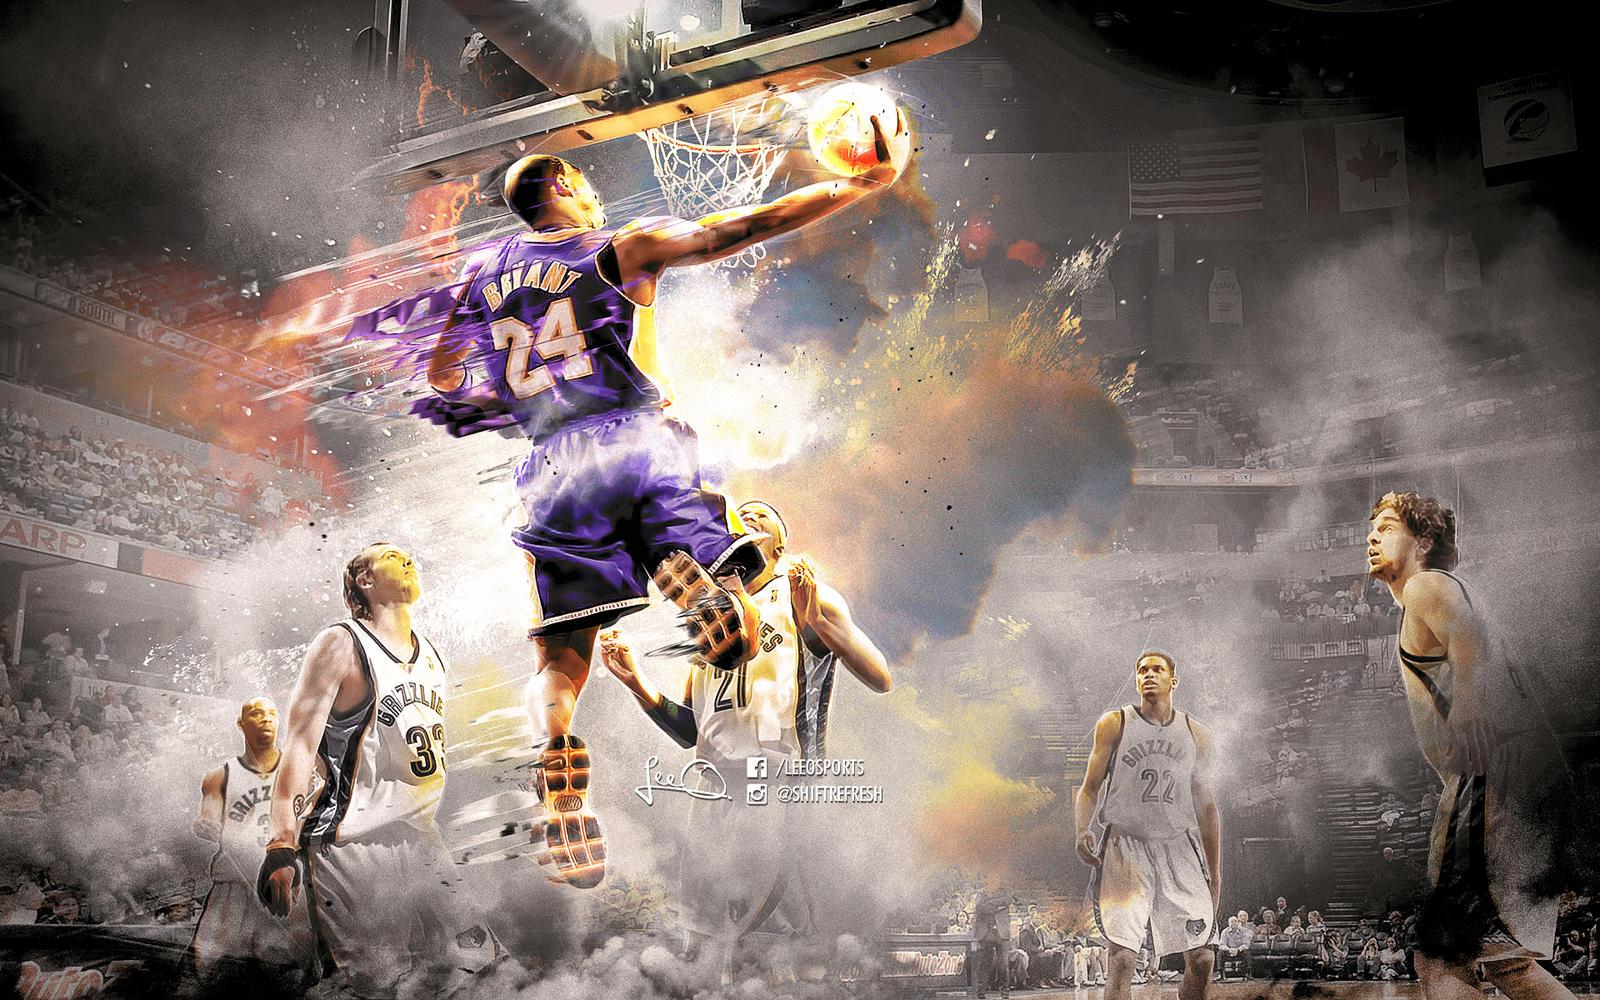 Kobe Bryant NBA Wallpaper 4.0 by skythlee on DeviantArt